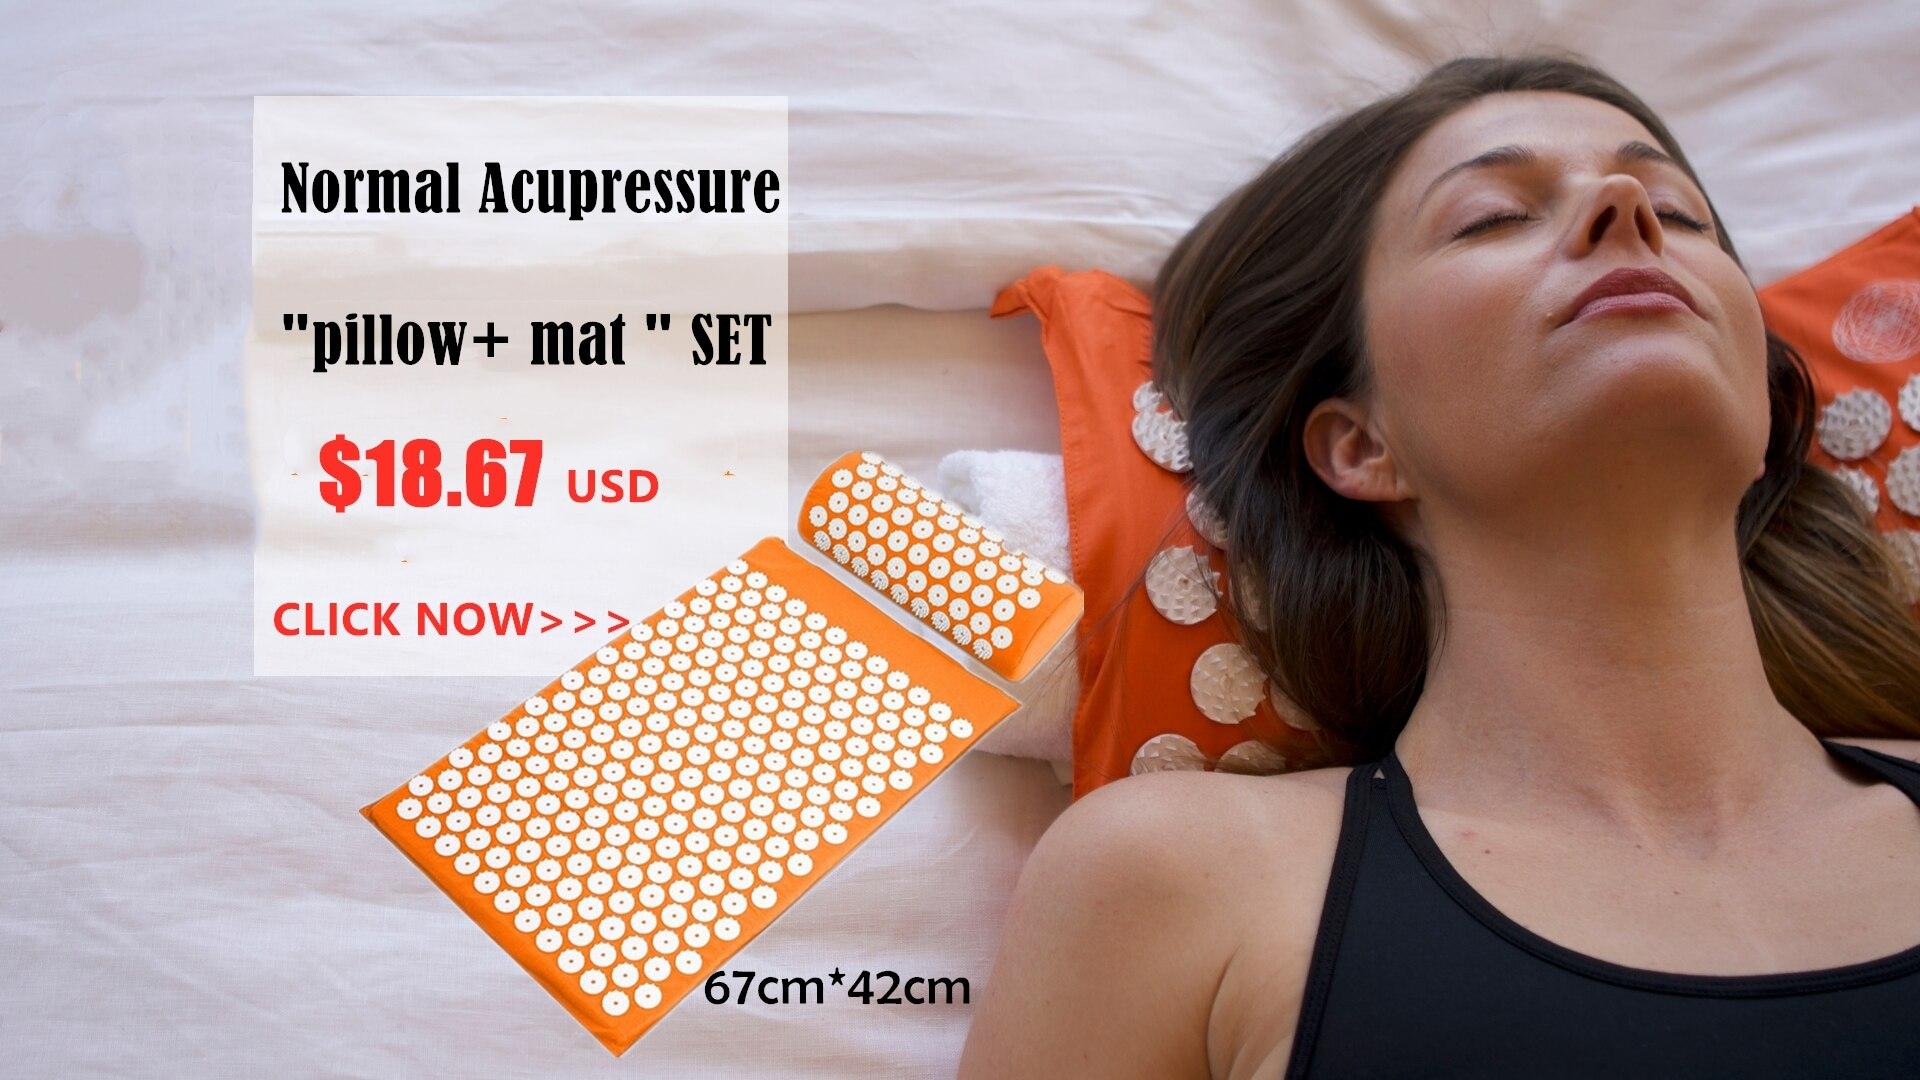 Fitness Yoga Pilates Yoga Mat Lótus Mat Conjunto Travesseiro Cama de Massagem Acupuntura Massageador Almofada para para trás